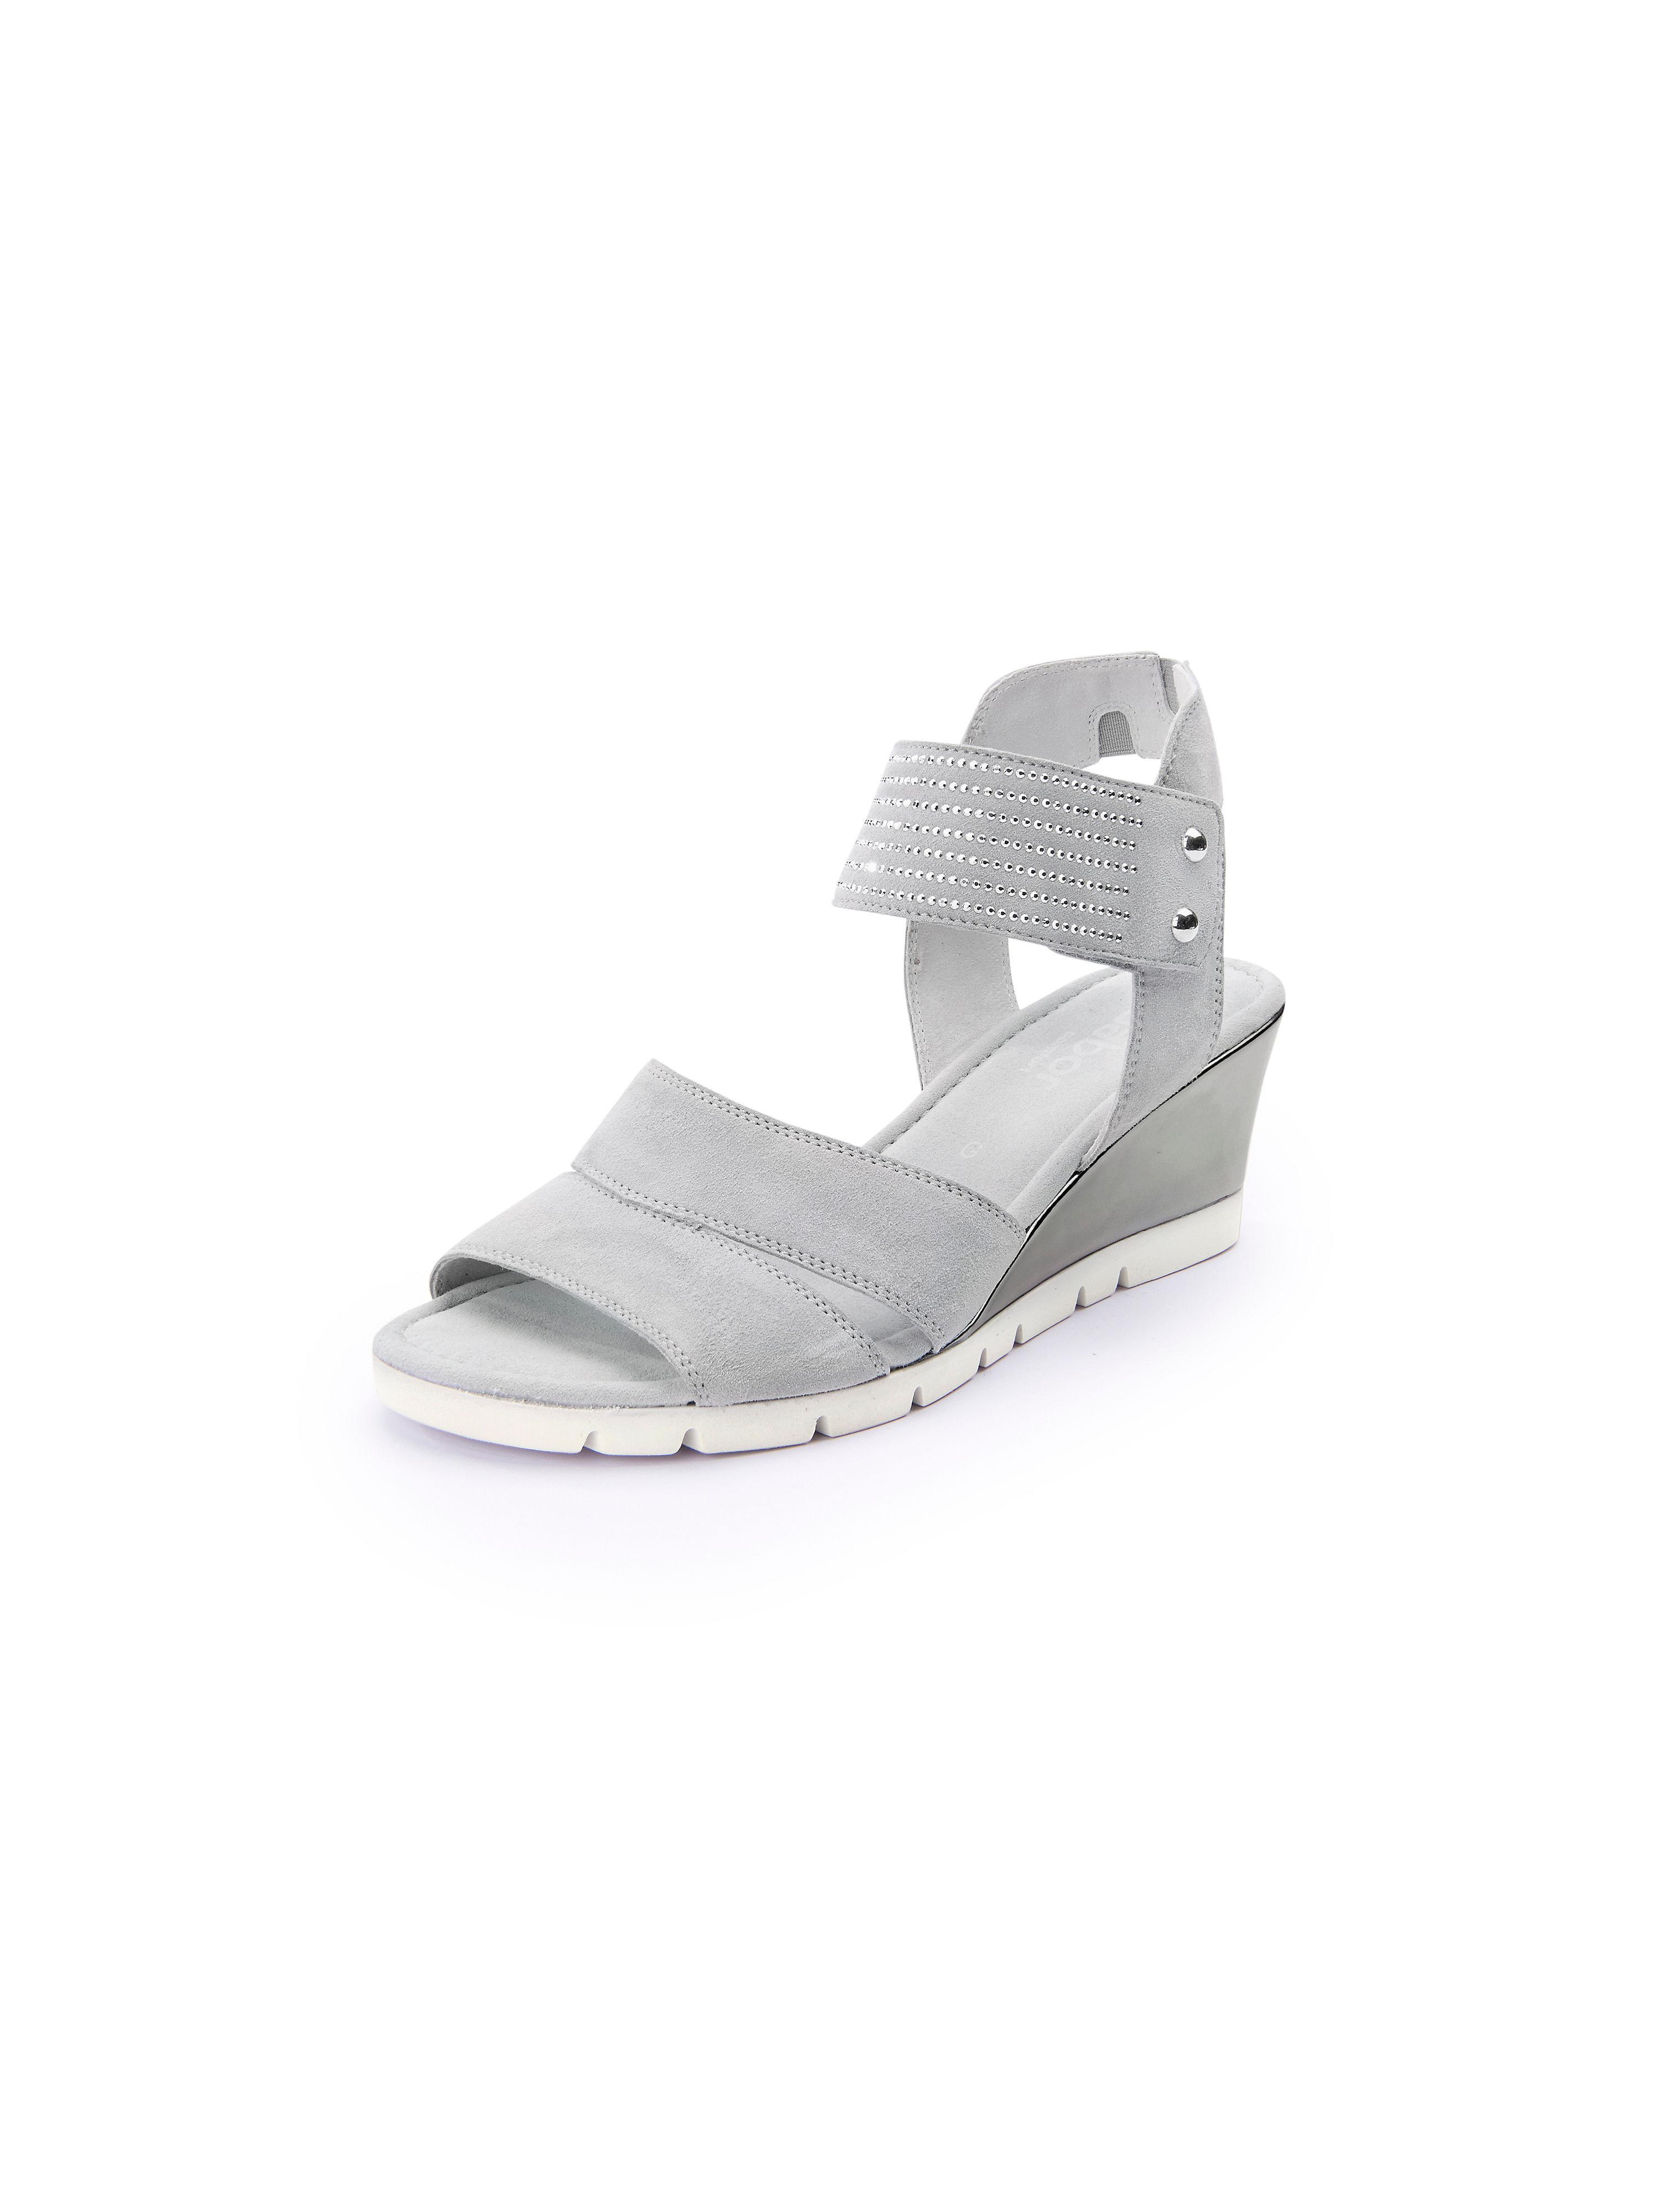 Sandale feinem Nietenbesatz und Keilabsatz Gabor grau Größe: 35